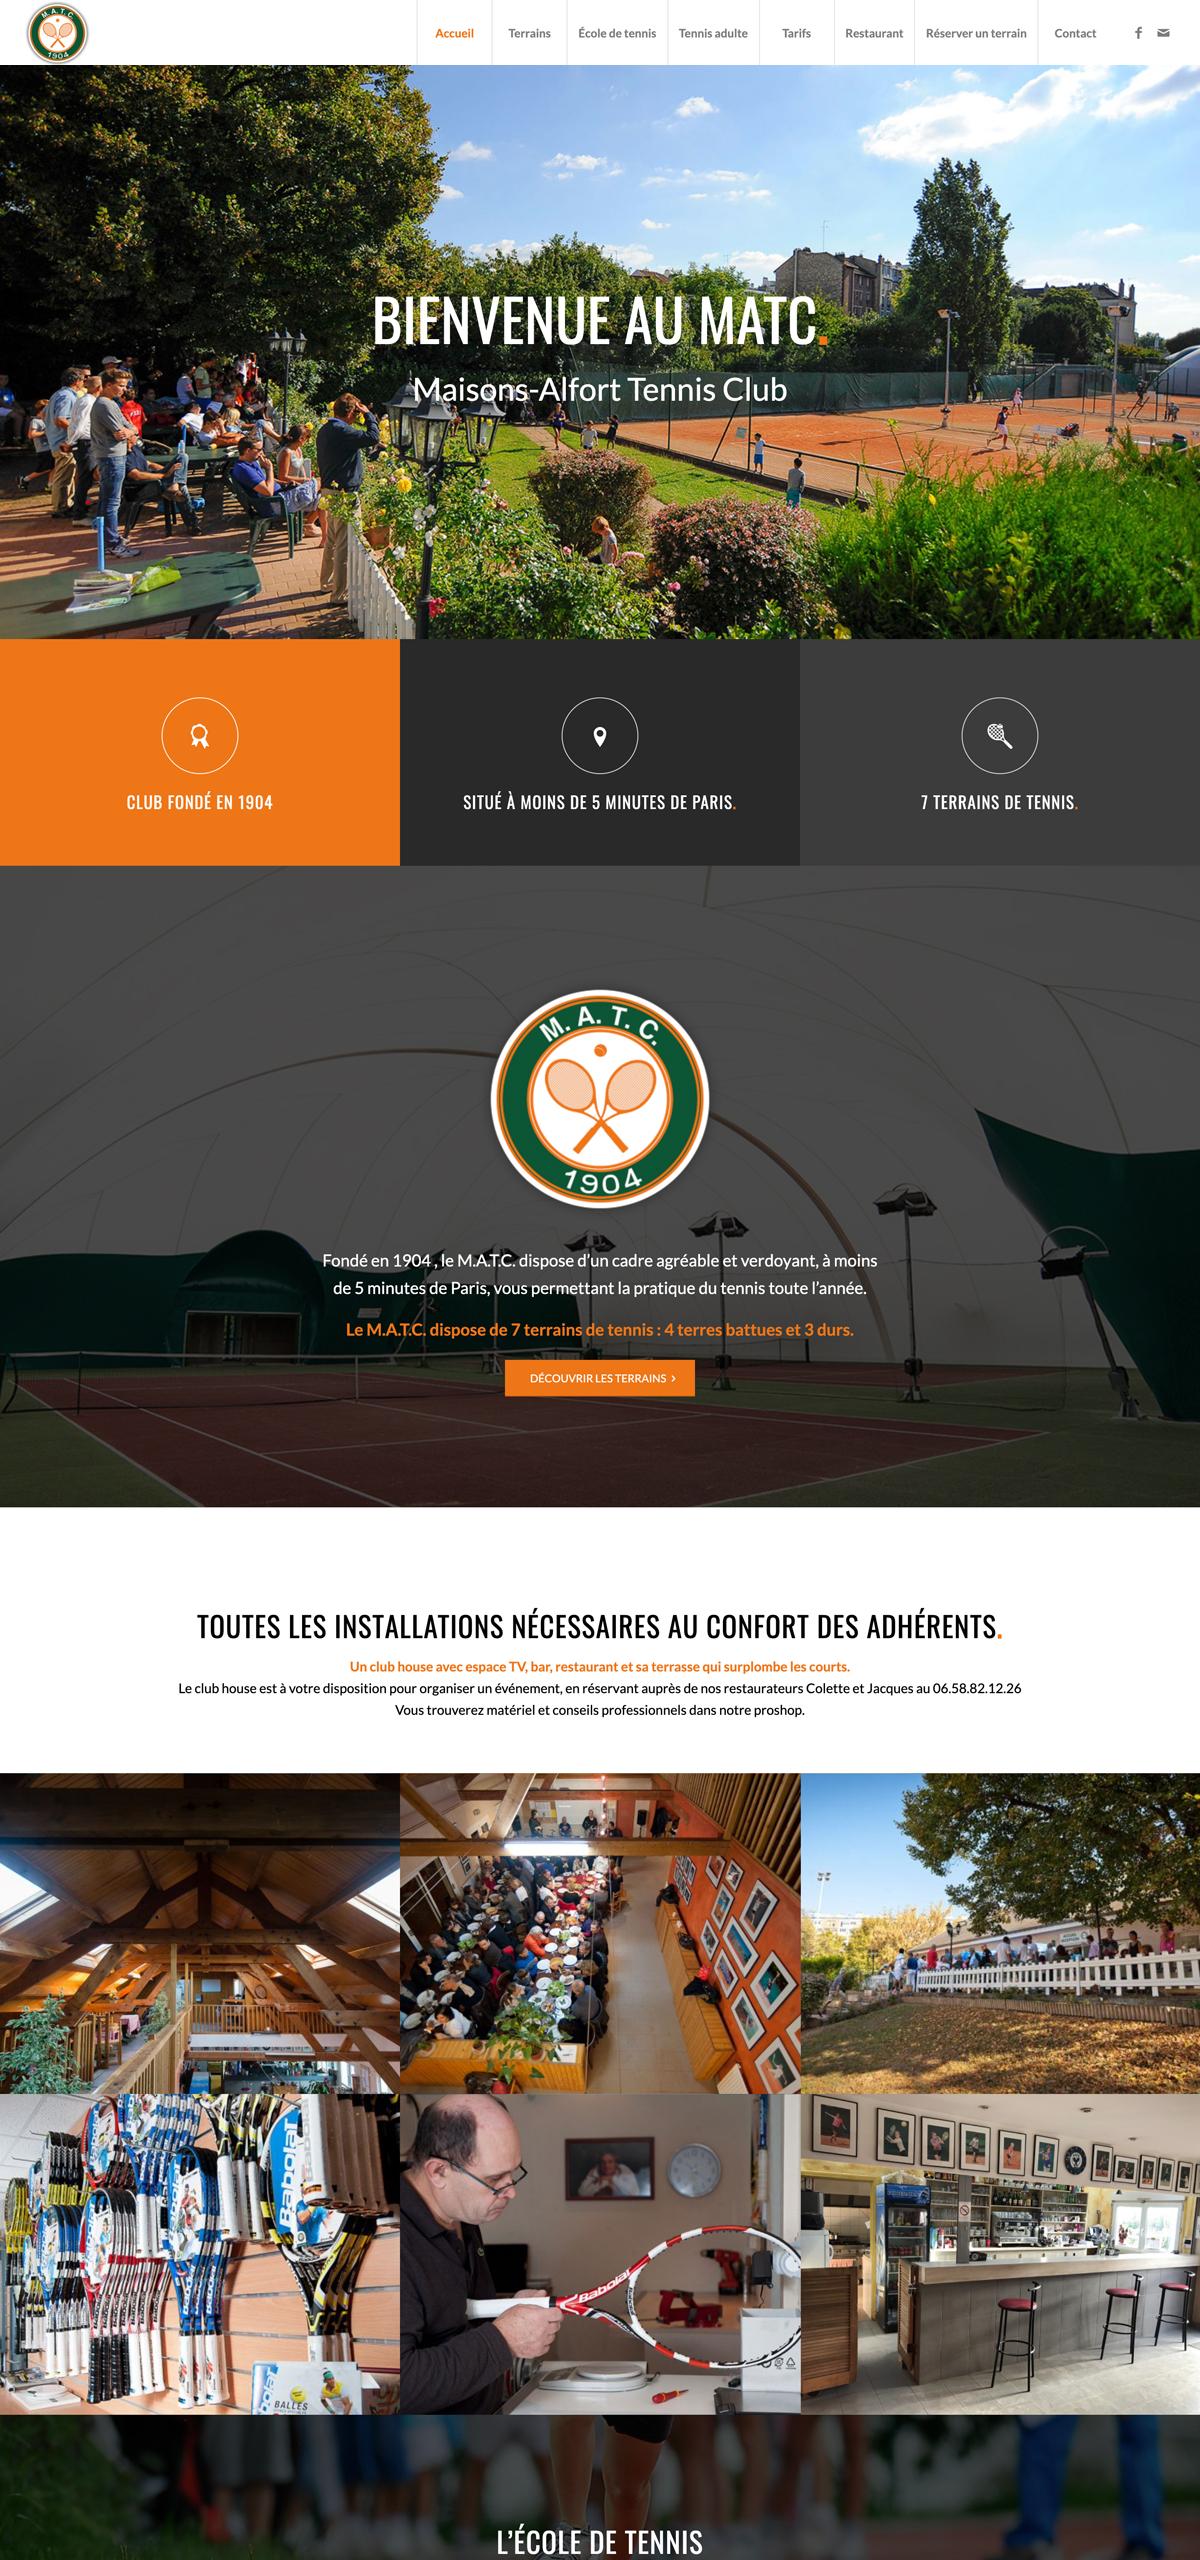 rdsc maisons alfort tennis club website screenshot